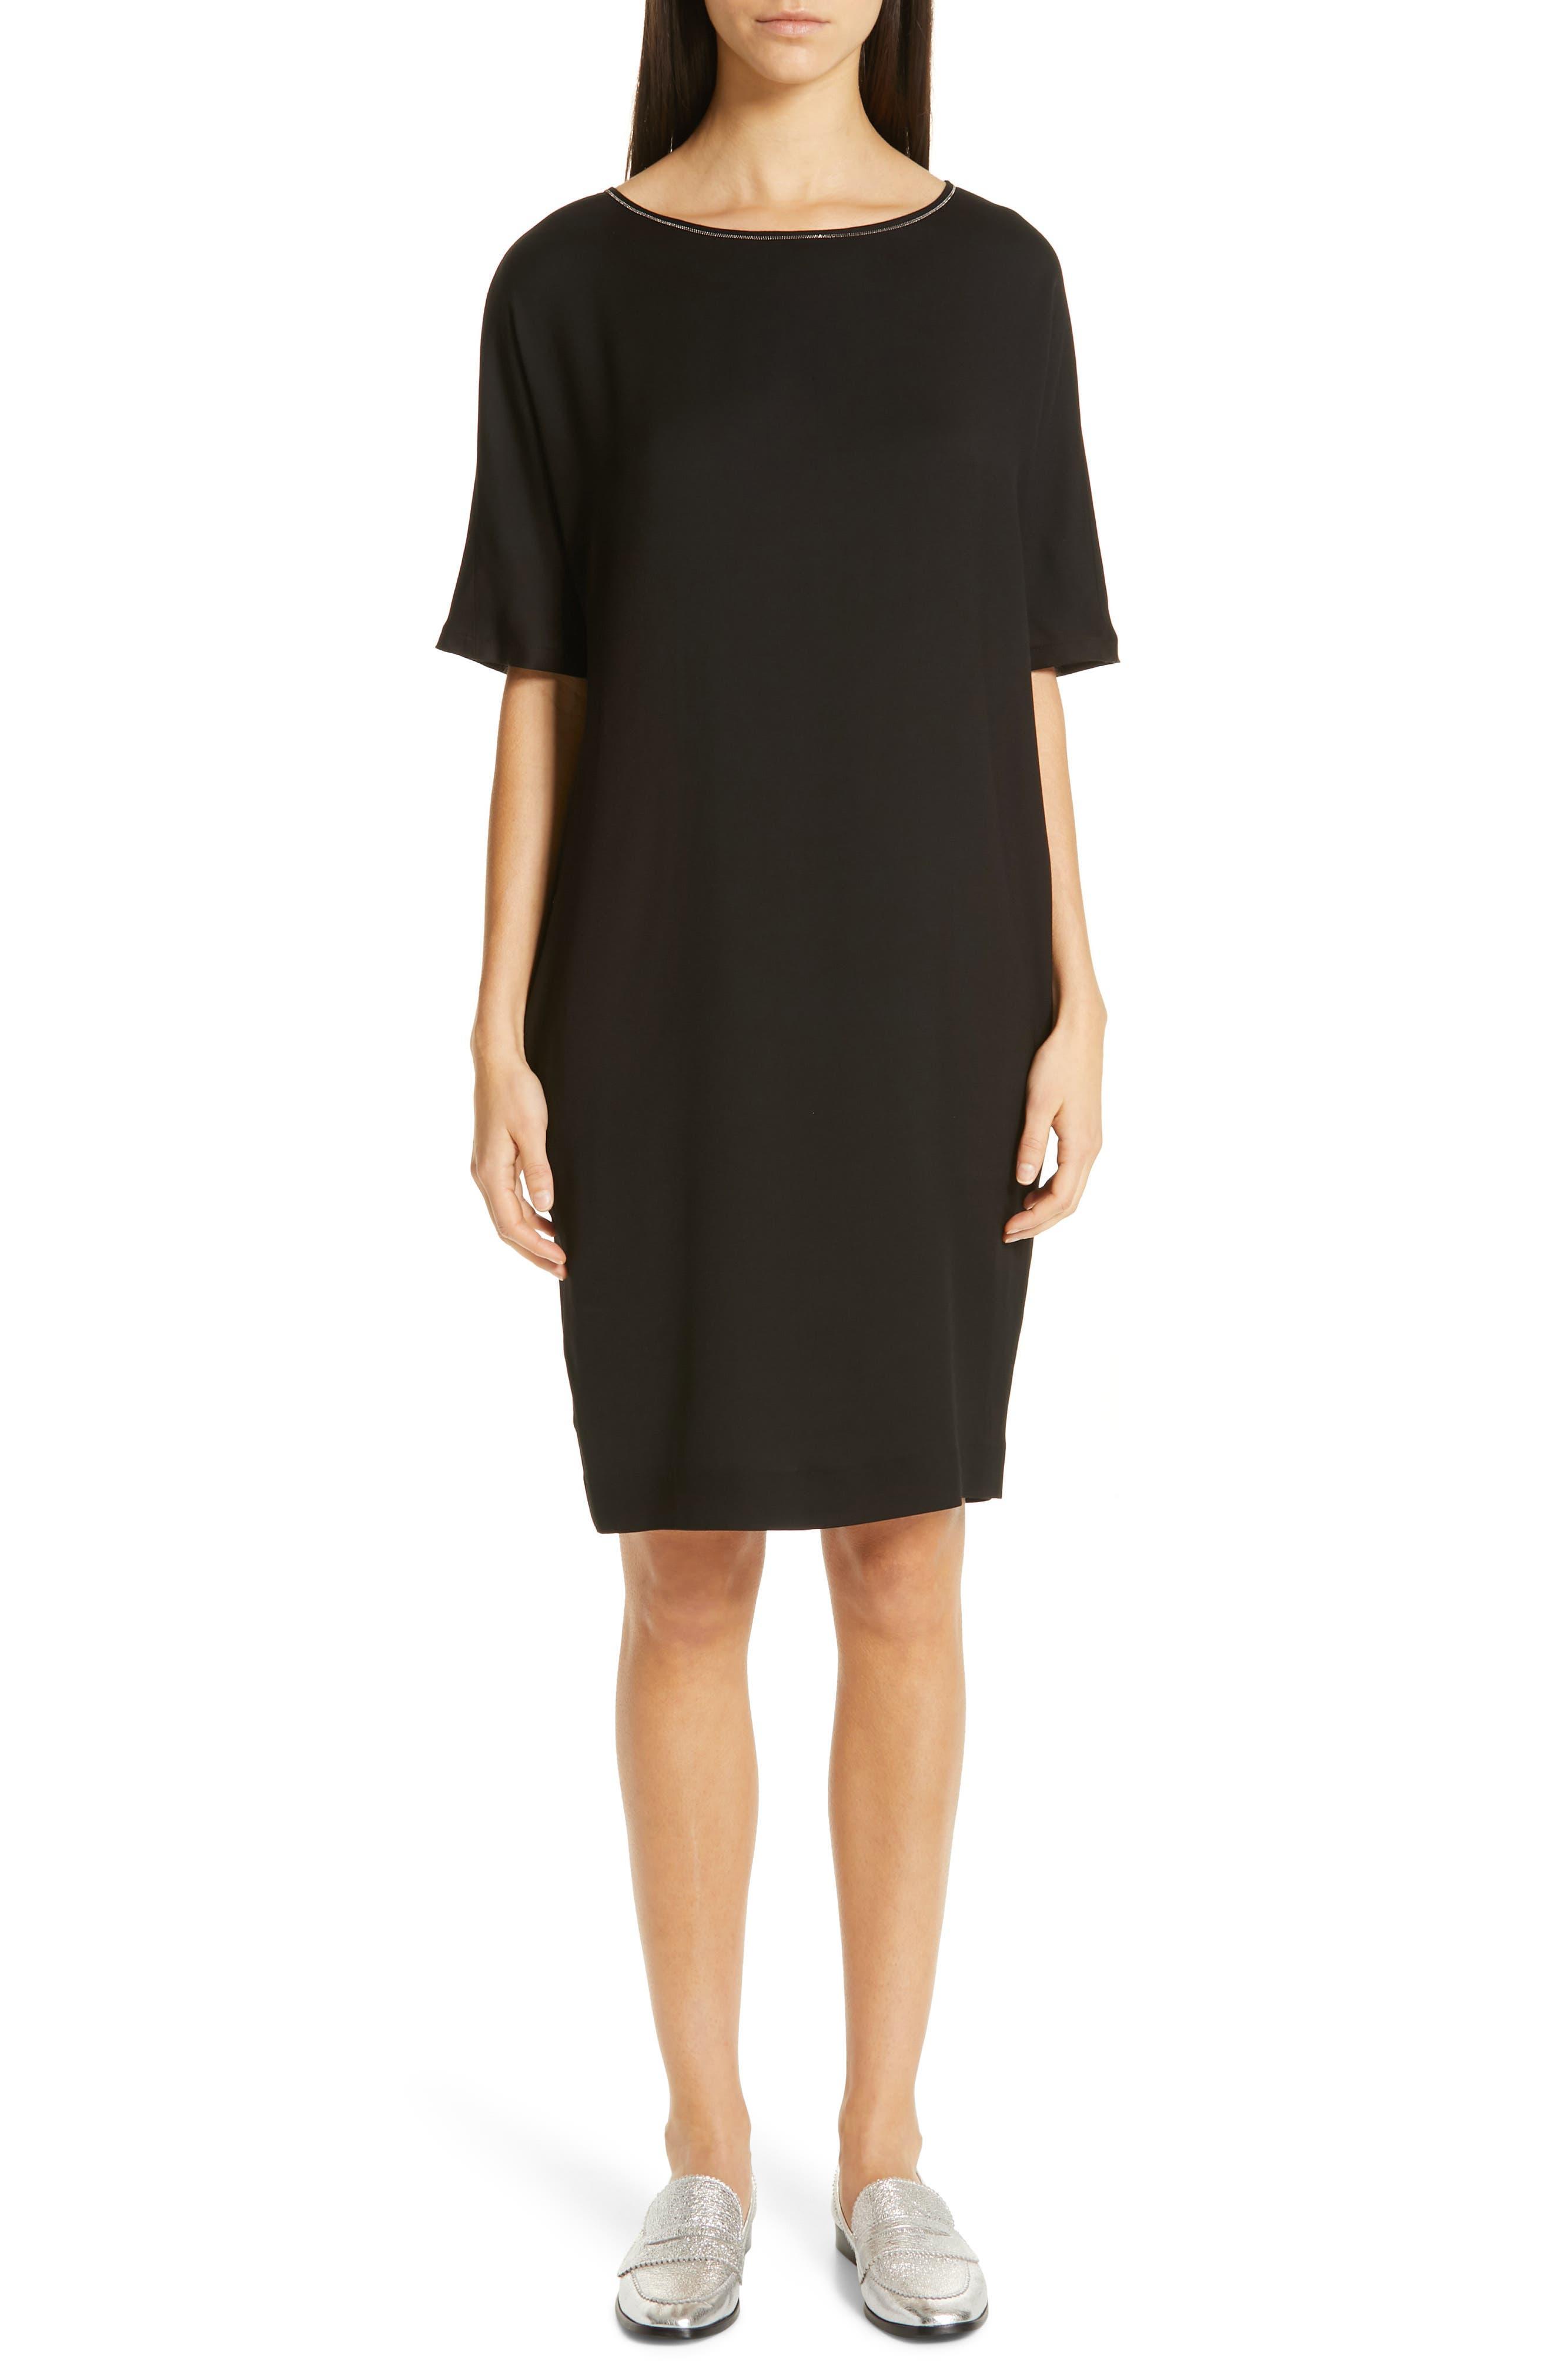 Fabiana Filippi Pleat Back Dress, 50 IT - Black